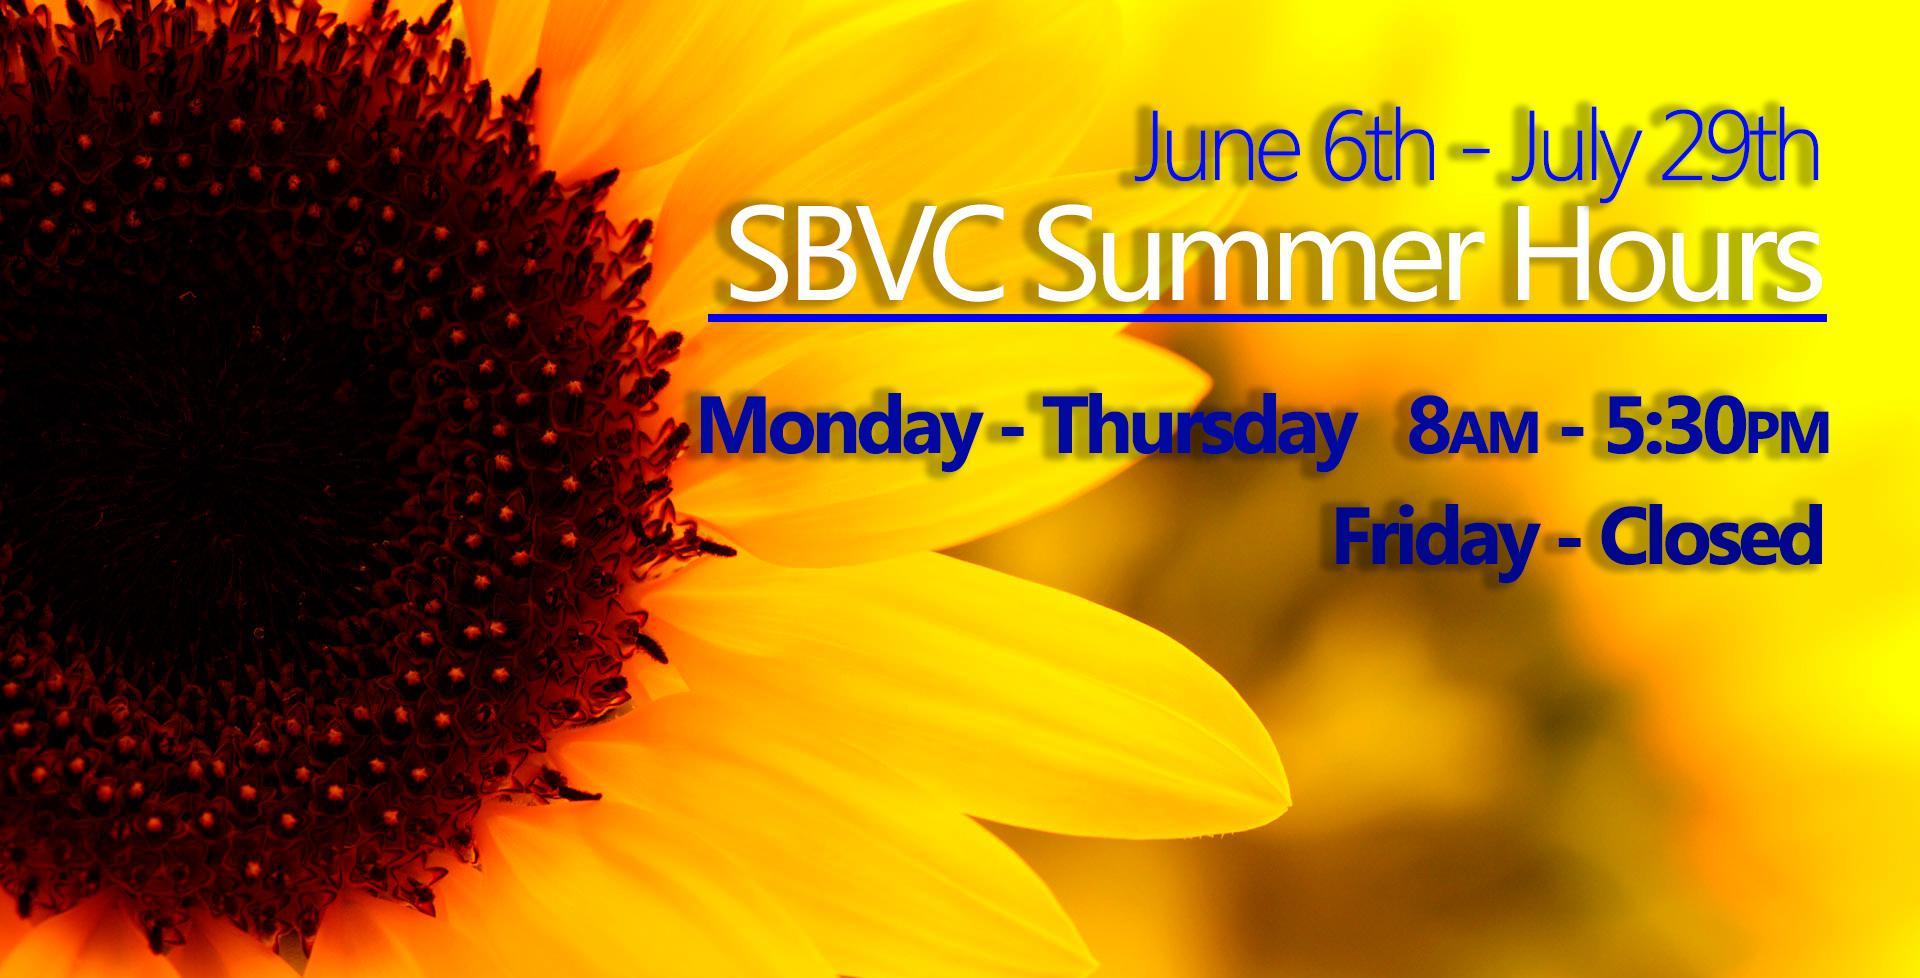 SBVC Summer Hours